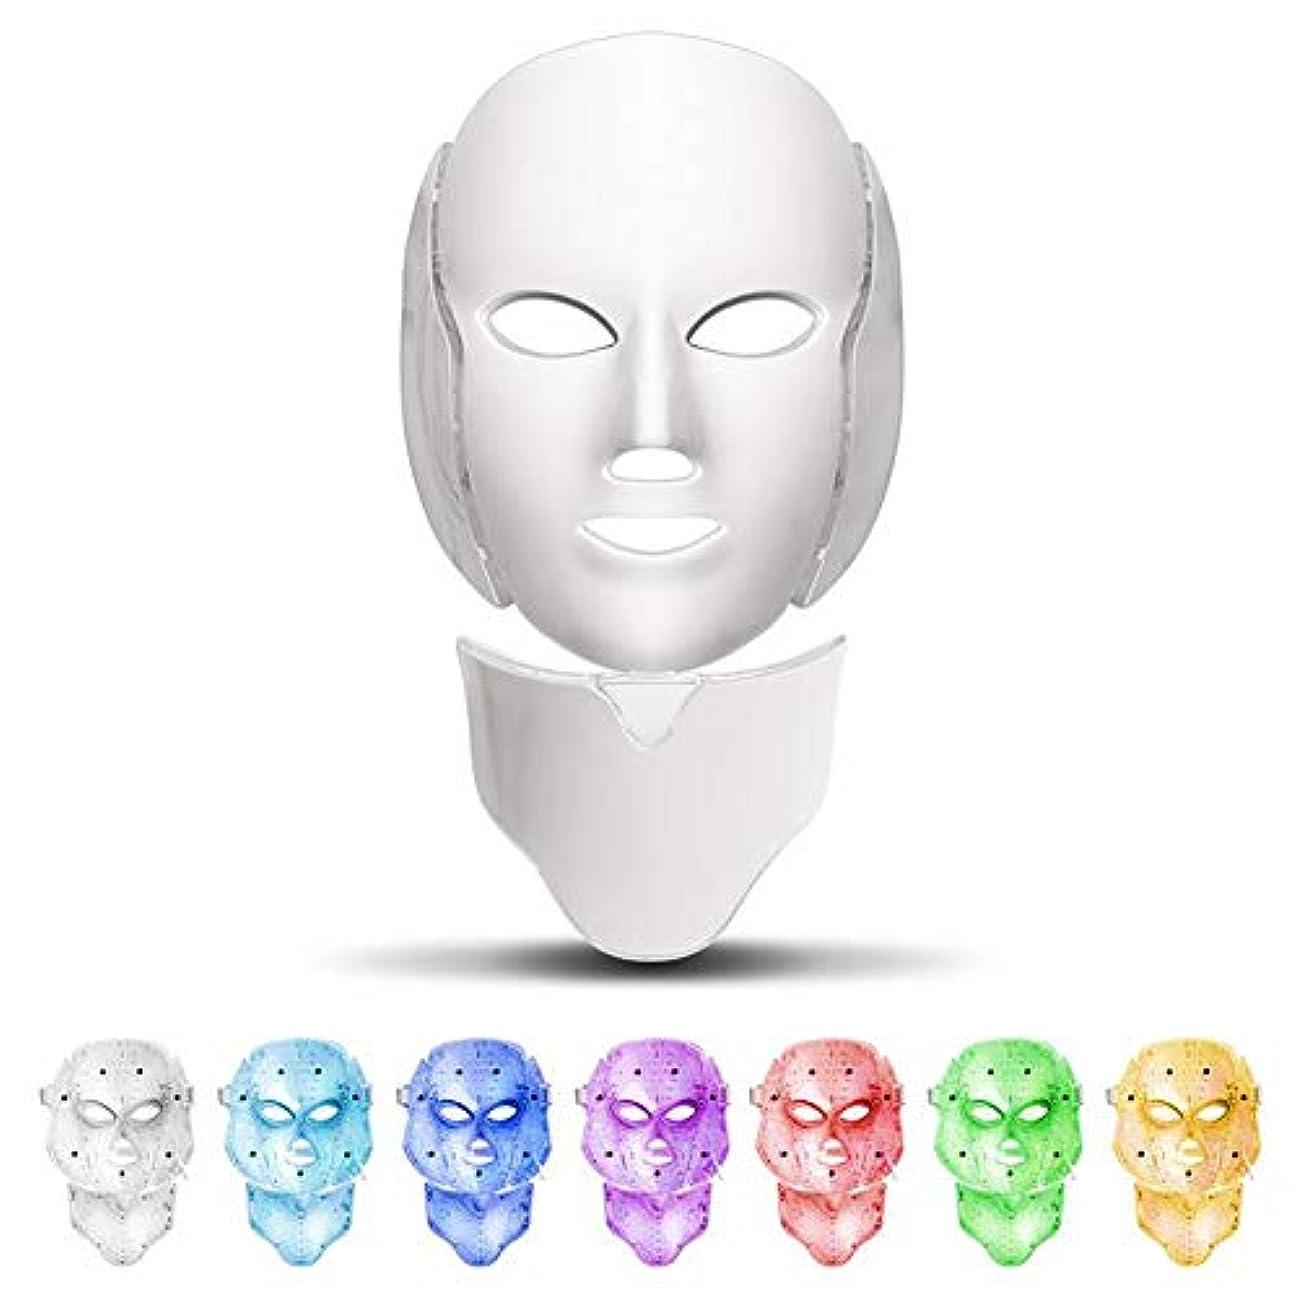 太鼓腹ソケット倉庫7色フェイシャルマスク、顔と首ネオン輝くLEDフェイスマスク電気顔スキンケア顔肌美容